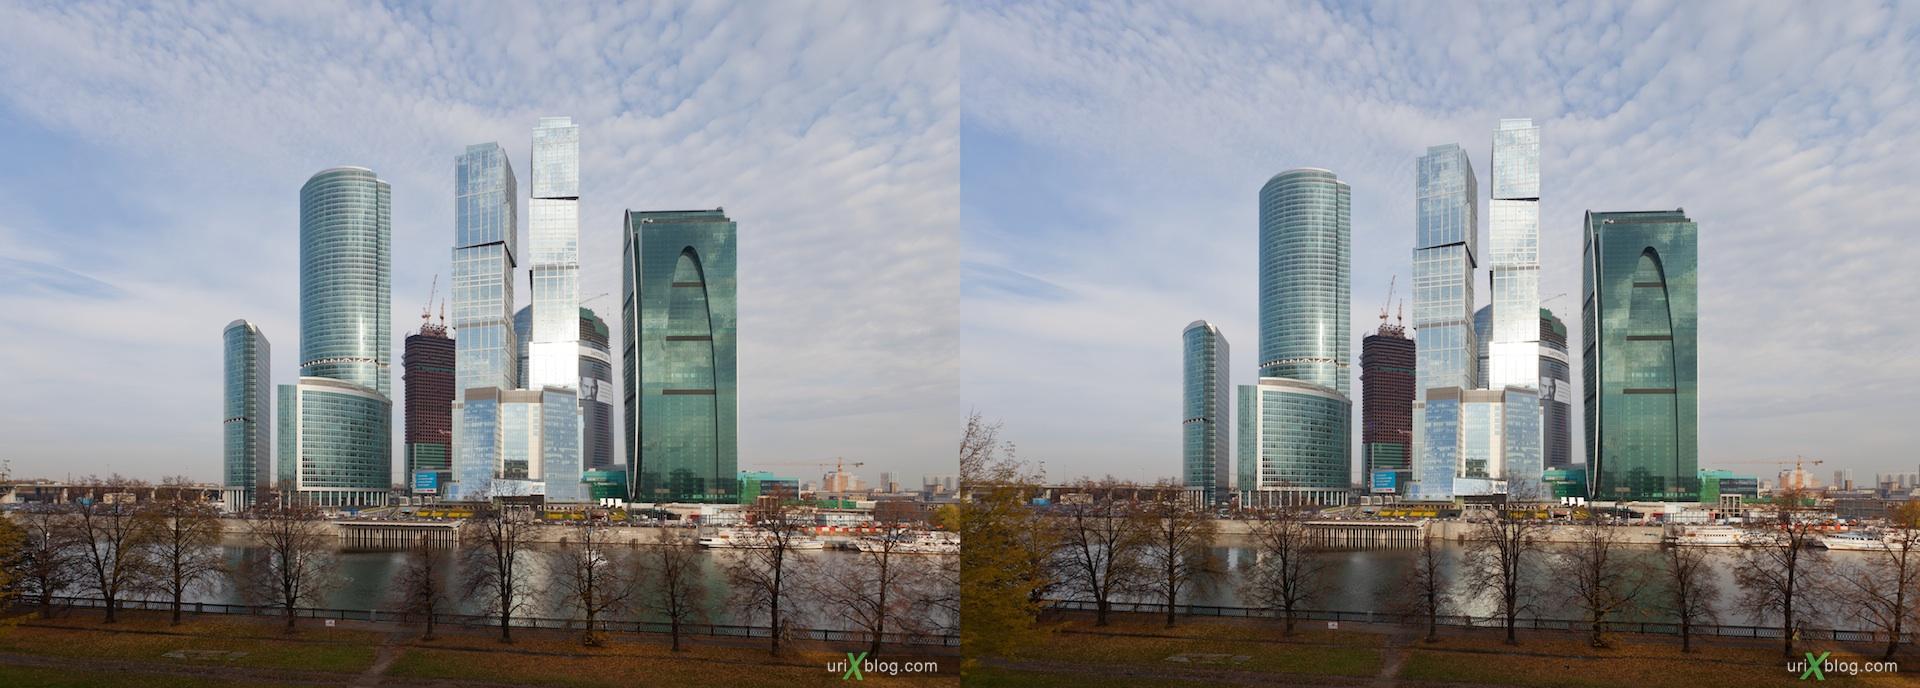 2011 Moscow City, Москва Сити, Steve Jobs